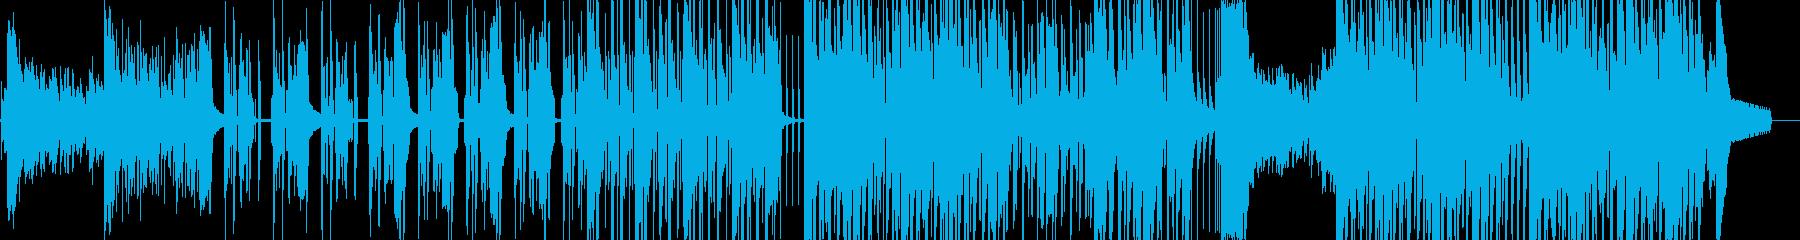 スリラー・民族ダークヒップホップ 短尺★の再生済みの波形